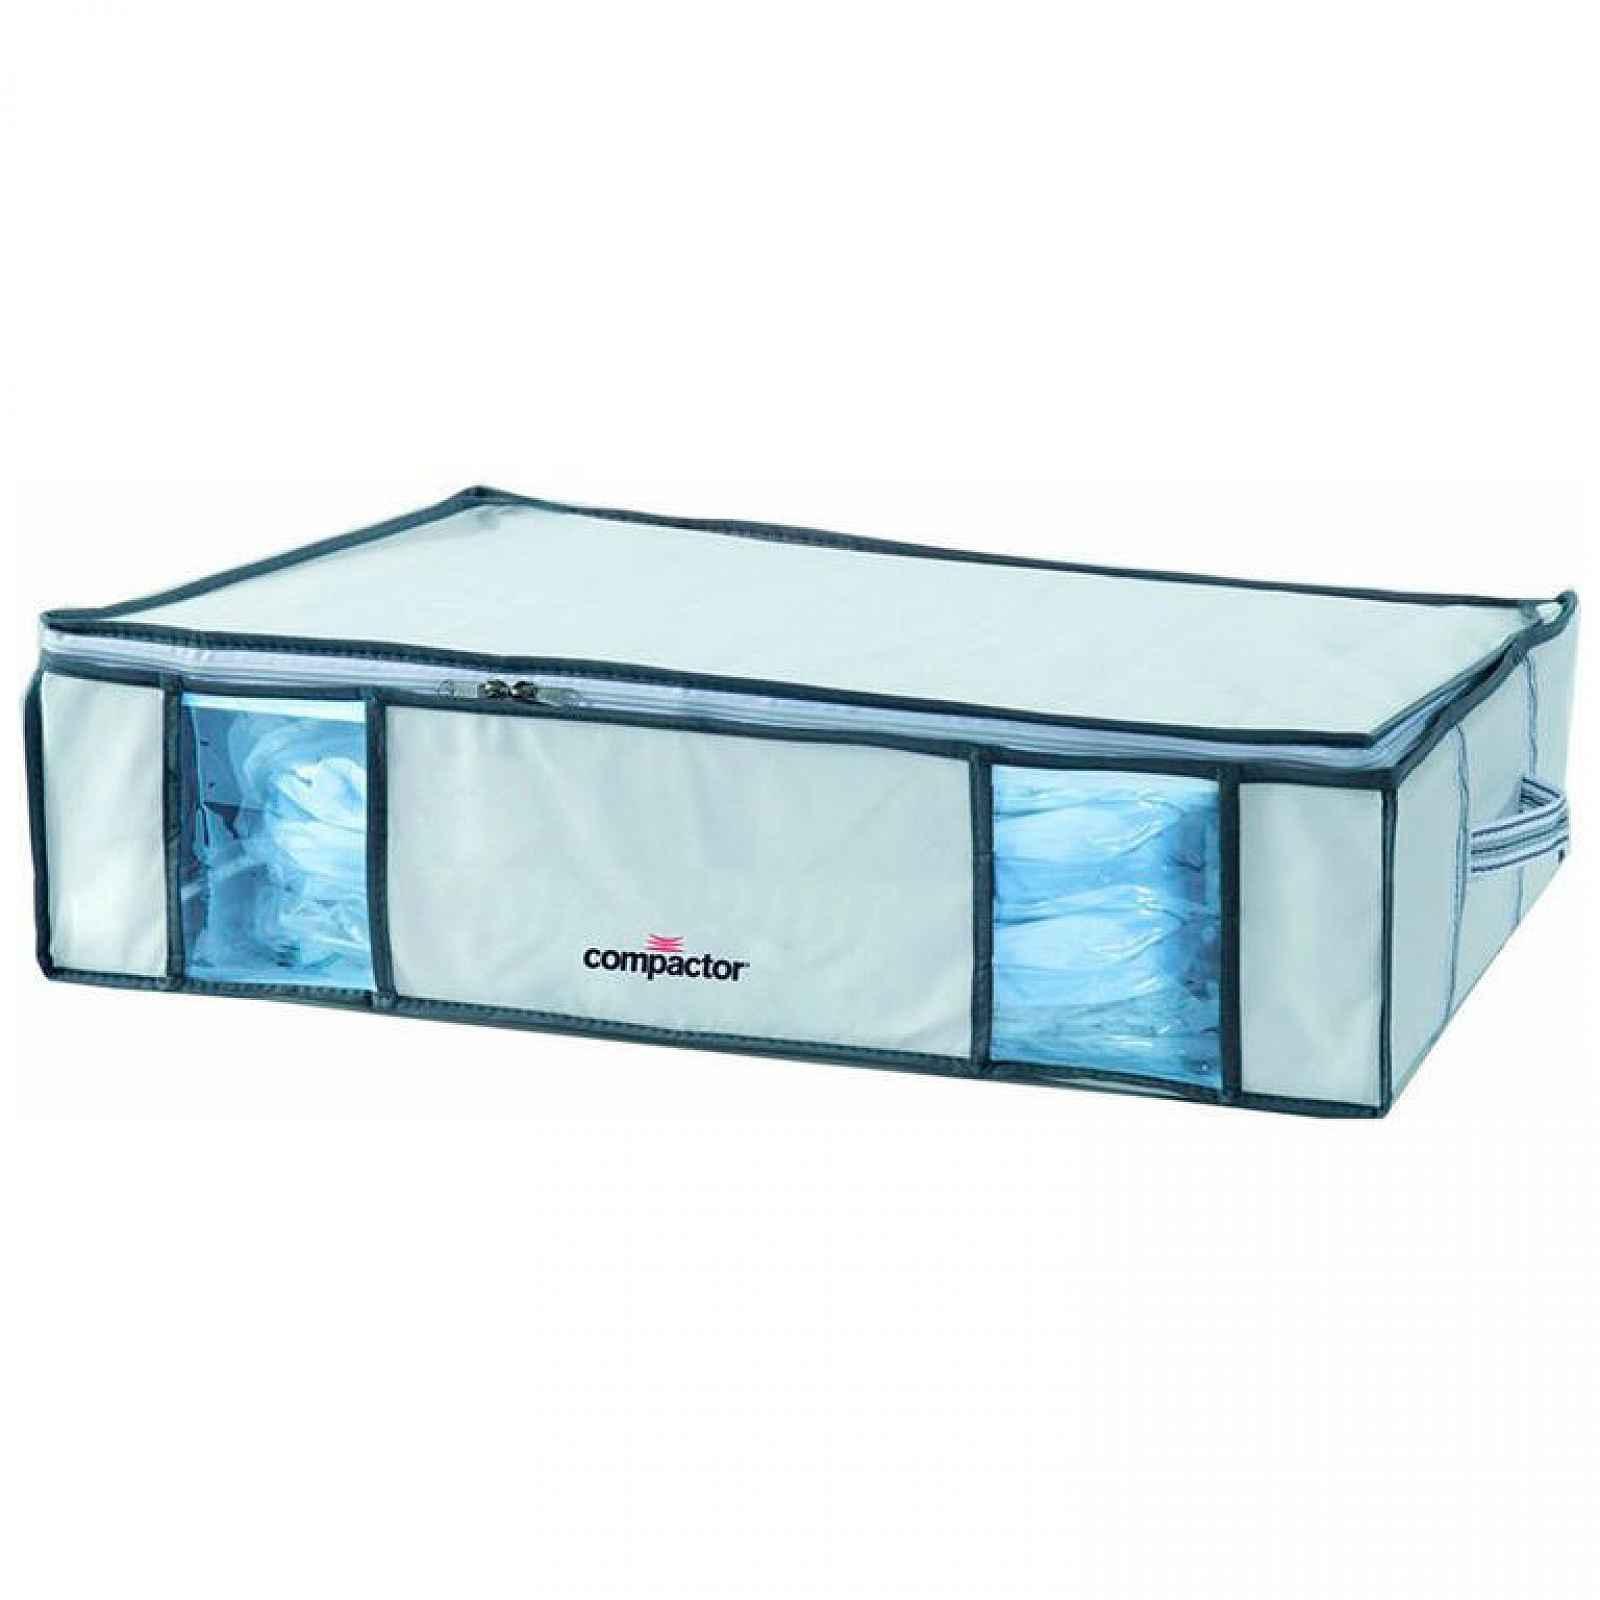 Compactor Life L 145 litrů úložný box s vakuovým sáčkem